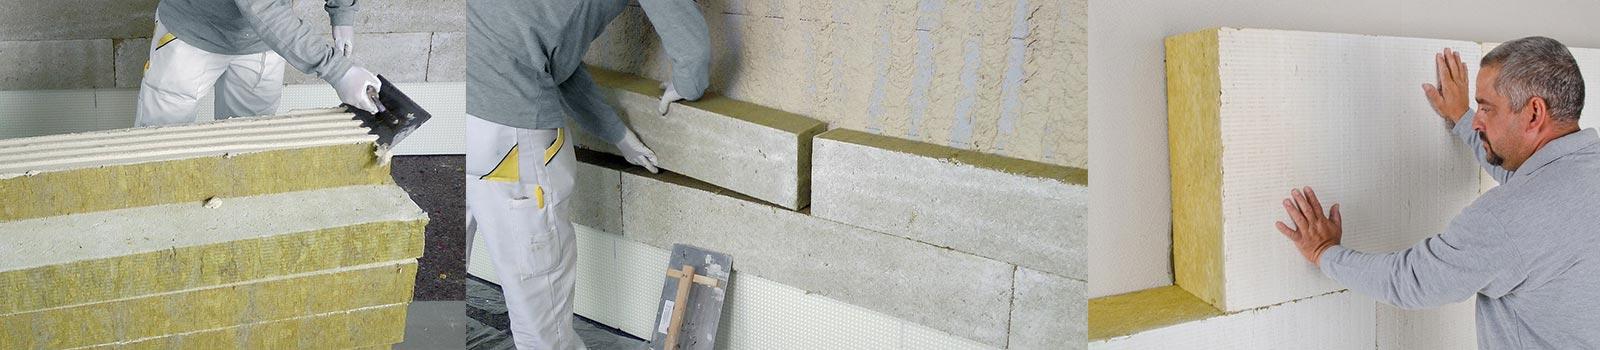 Mitarbeiter der 3B Denkmalpflege & Bausanierung GmbH beim verklebben von WDVS-Dämmplatten.